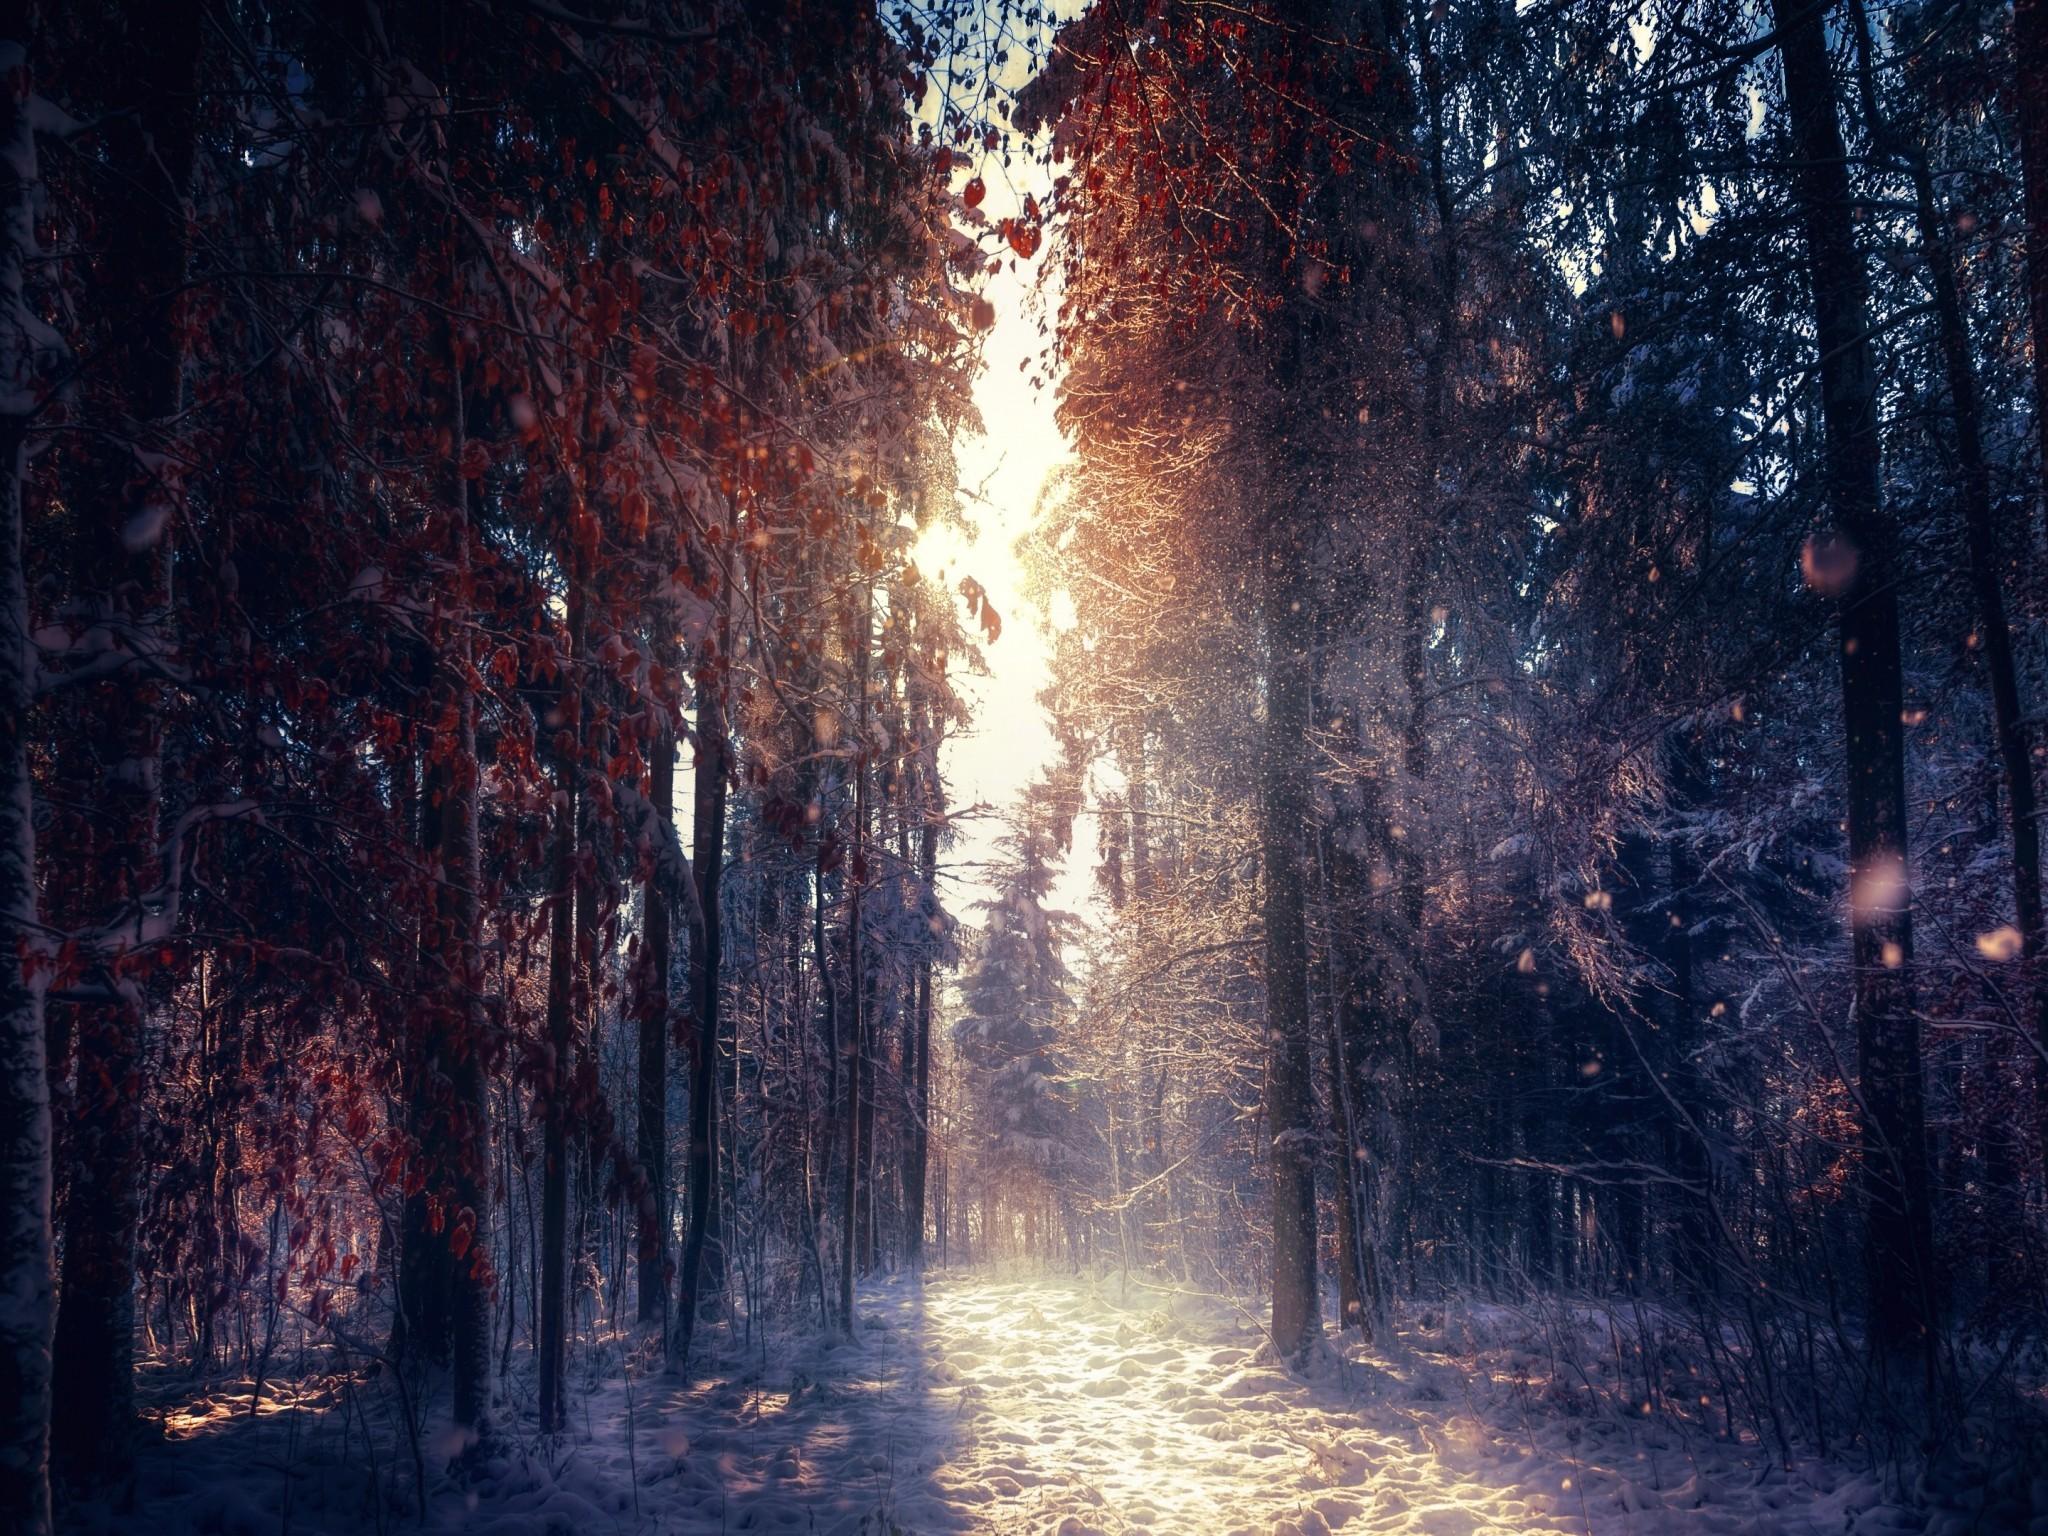 Forest in winter 4K Ultra HD wallpaper   4k-Wallpaper.Net